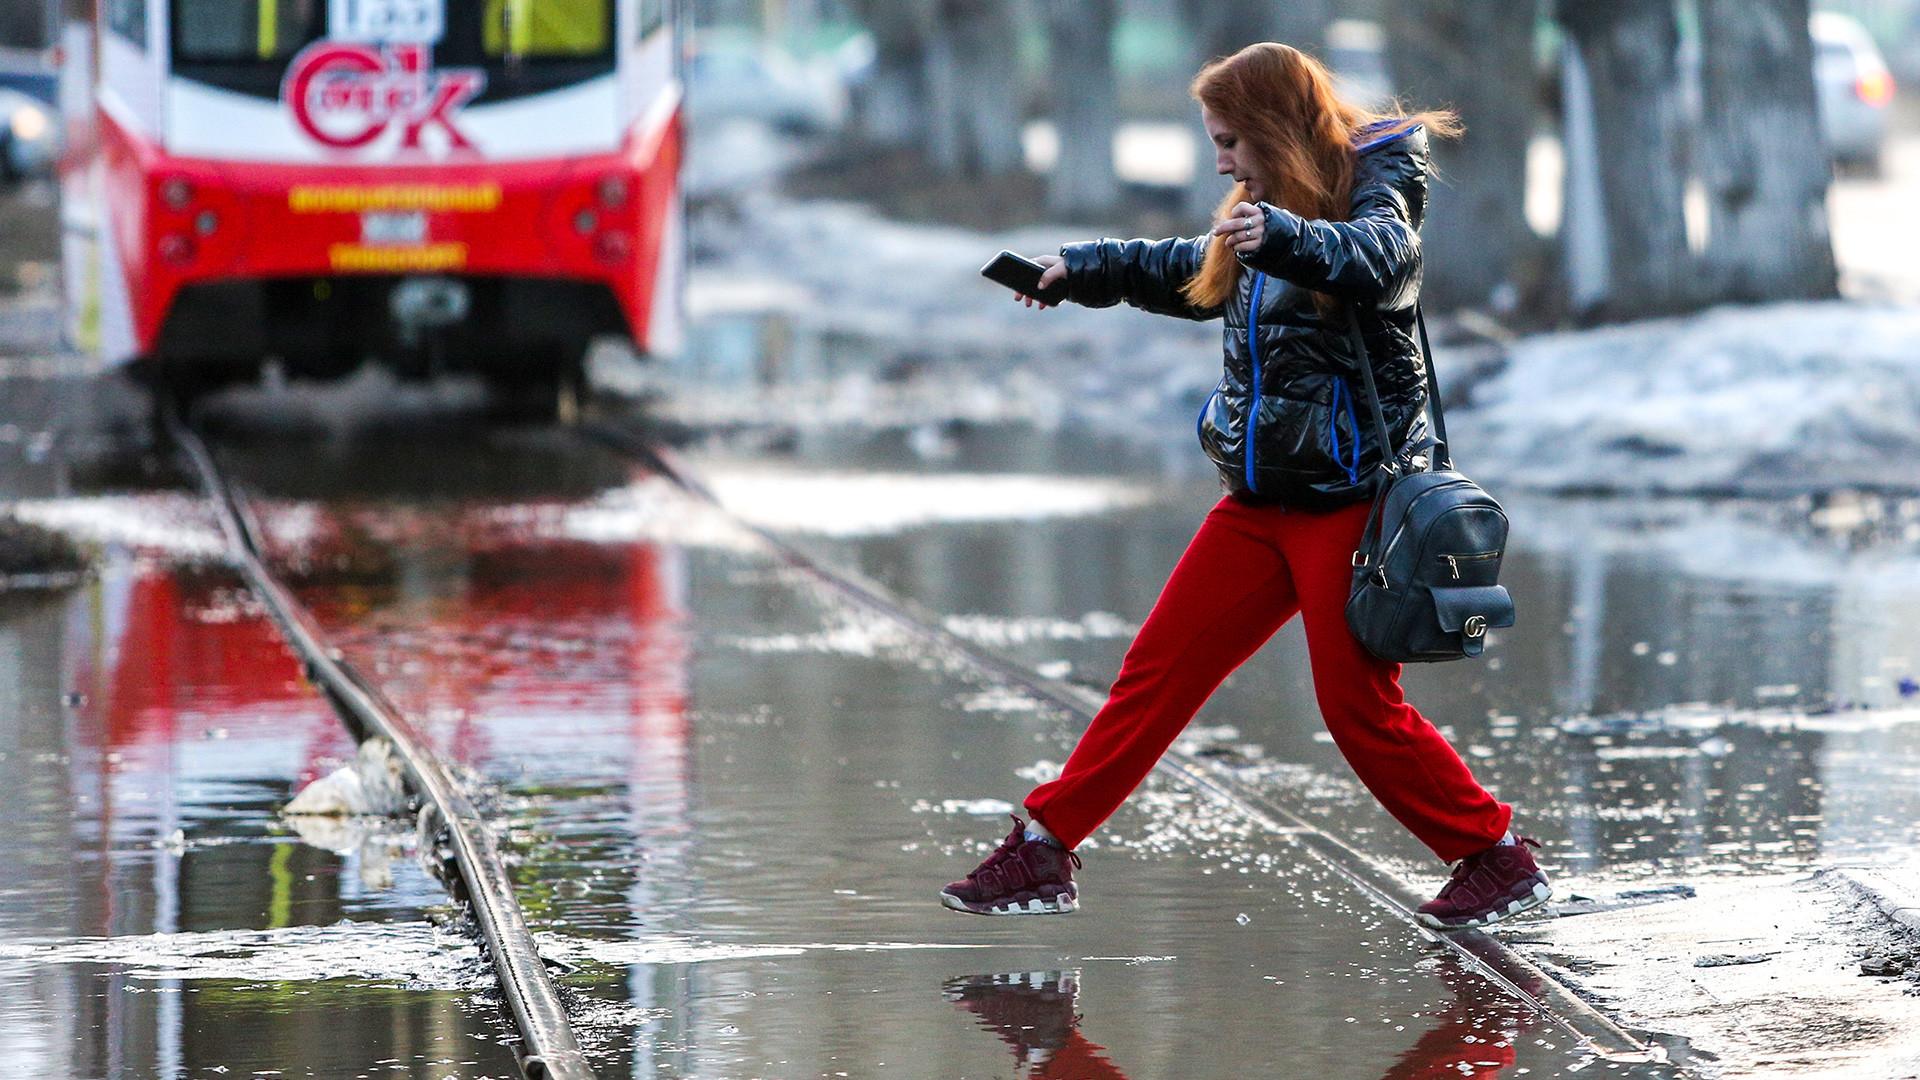 Omsk, 7 aprile 2021: una ragazza salta una grande pozza d'acqua formatasi per lo scioglimento della neve